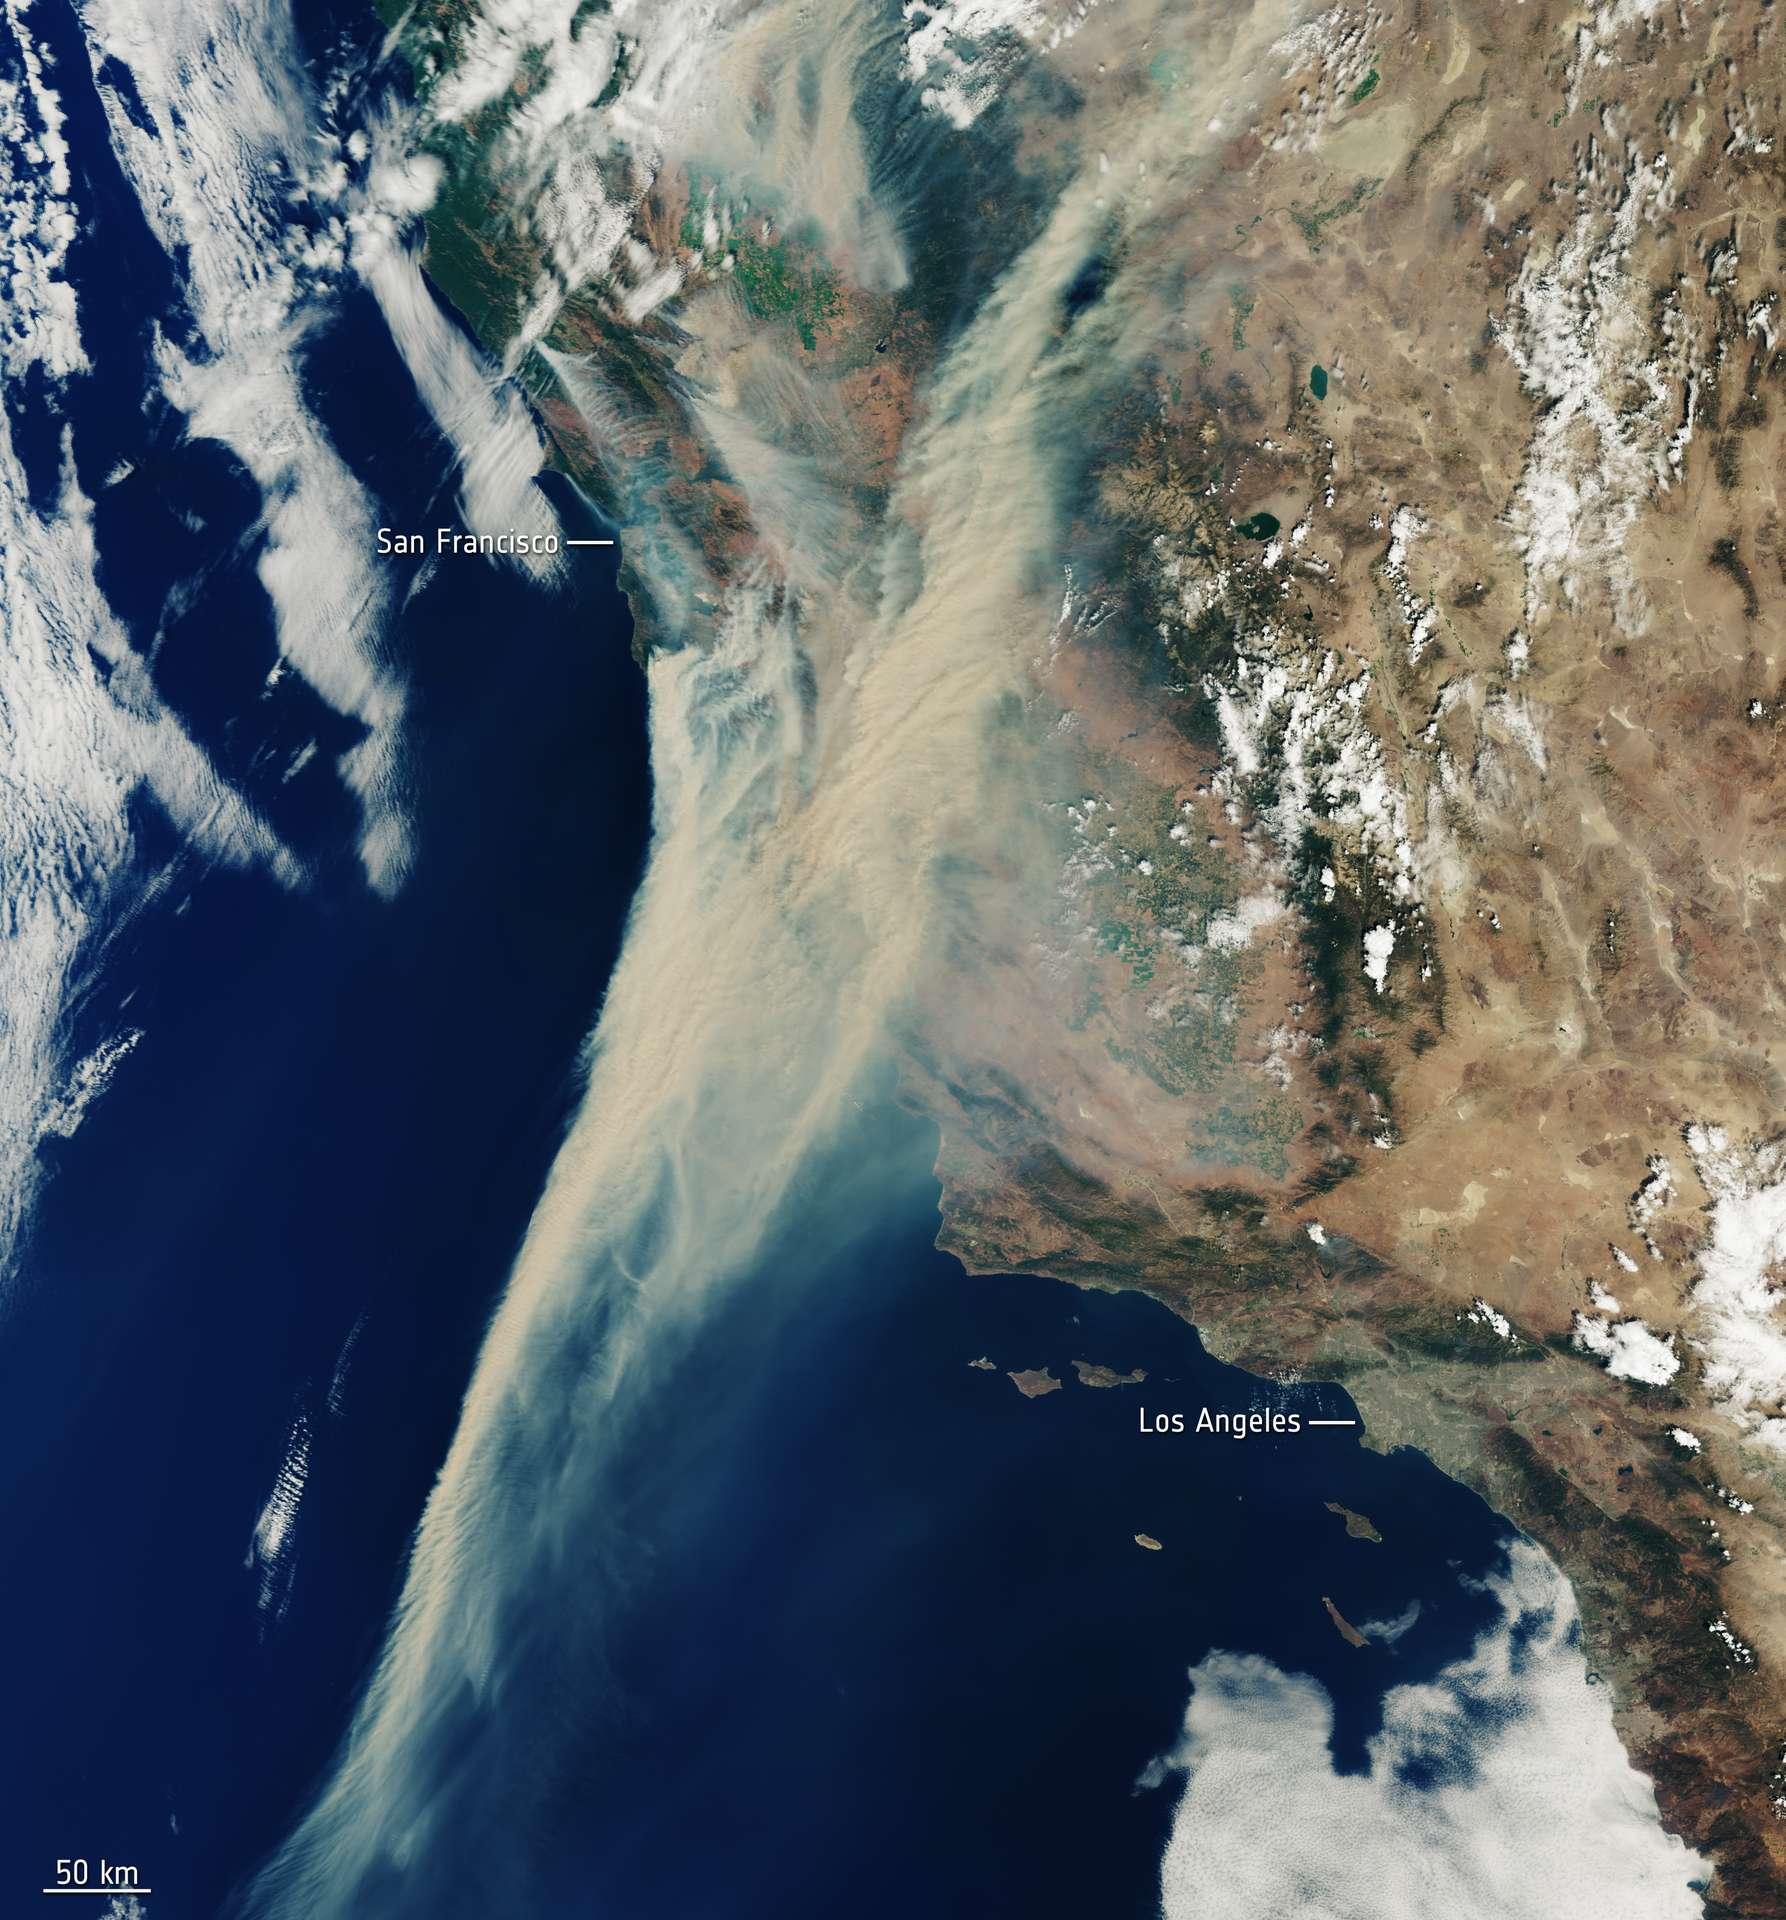 Les incendies en Californie, qui font rage en ce moment, vus de l'espace par le satellite Sentinel-3. © contains Copernicus Sentinel (2020), processed by ESA, CC by-sa 3.0, IGO